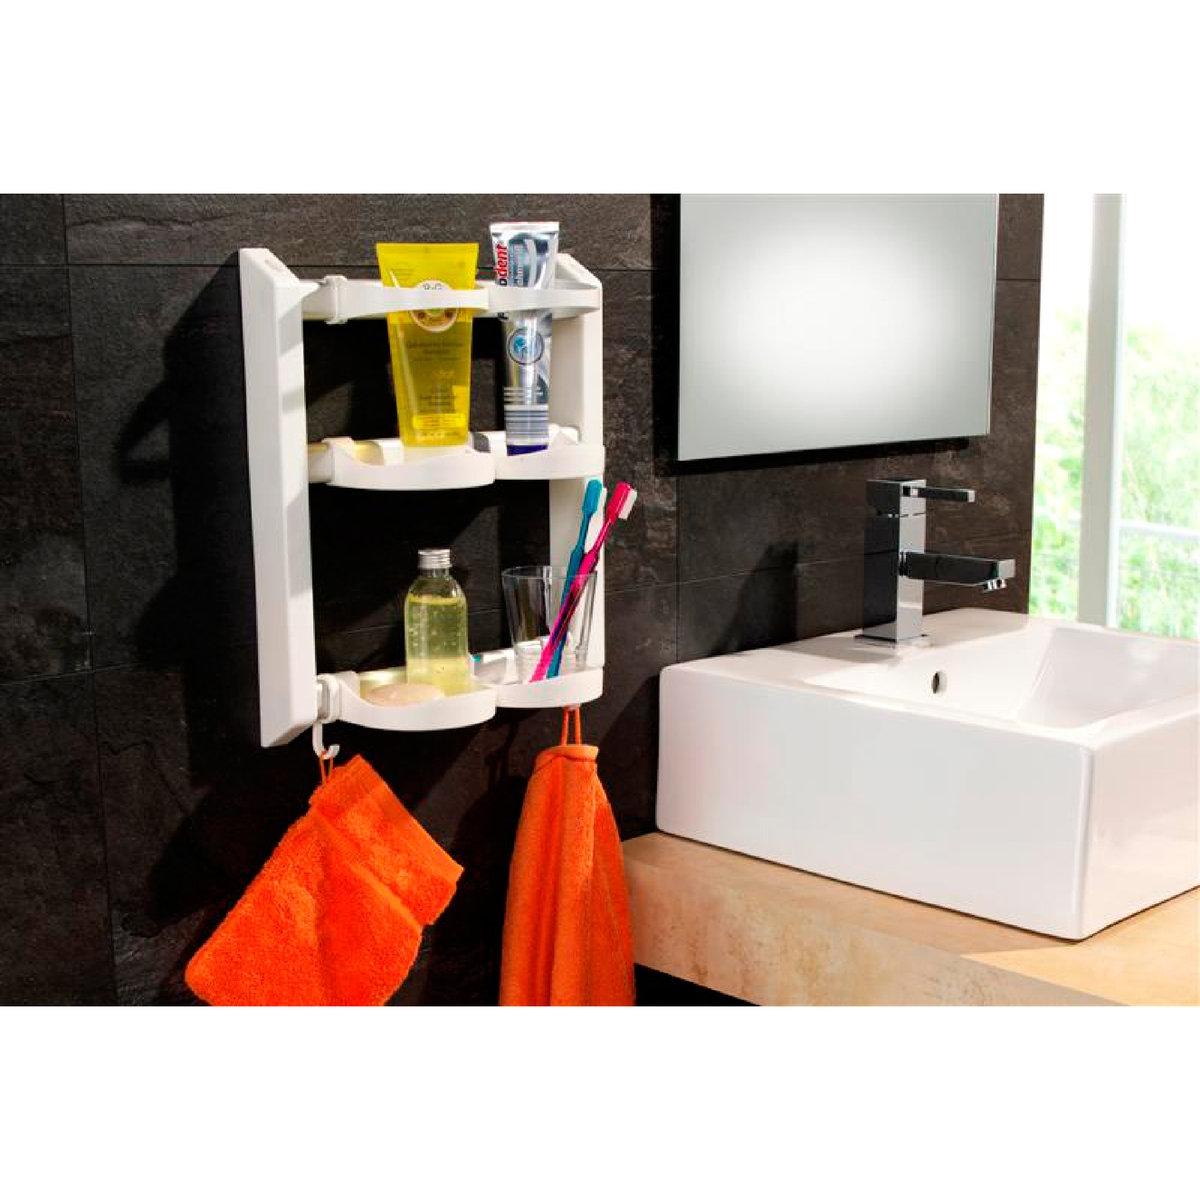 Этажерка для ванной модульная, Aréglo от La Redoute